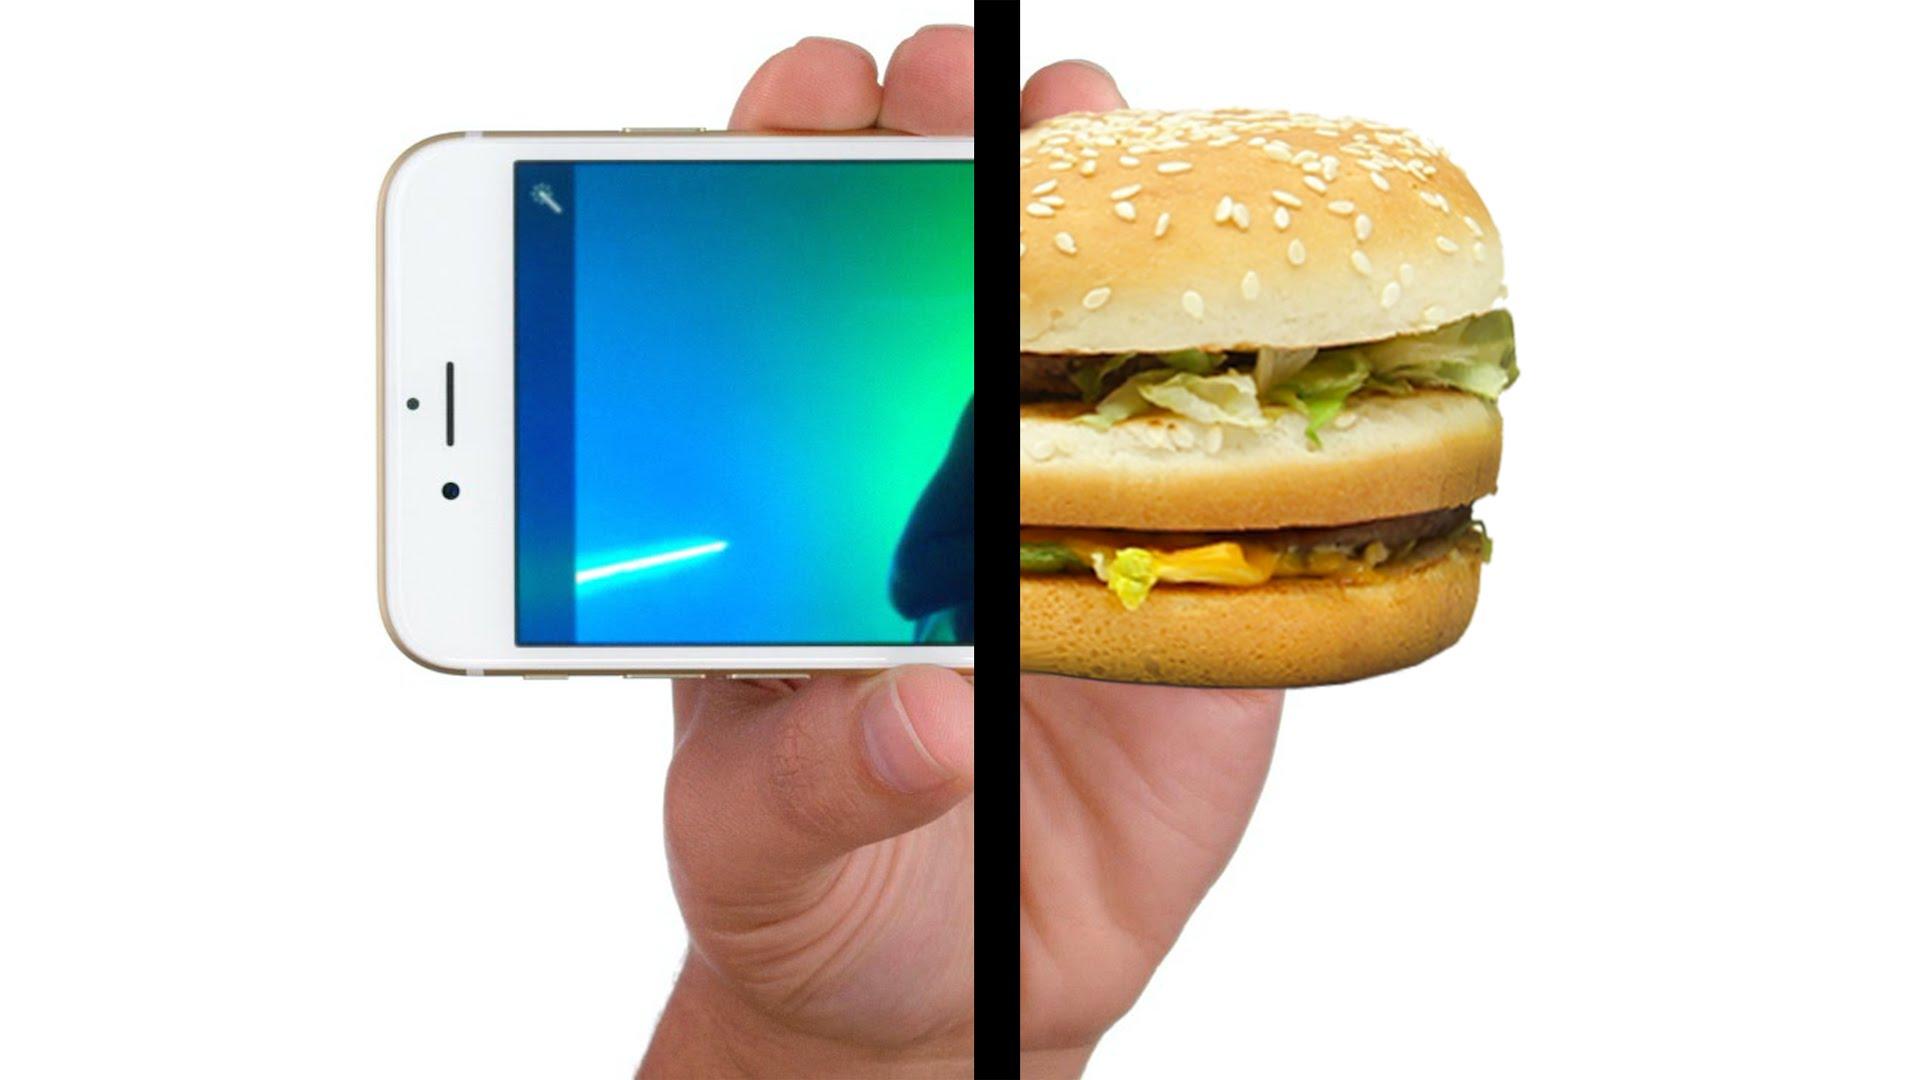 如果麥當勞廣告做得跟蘋果廣告一樣...